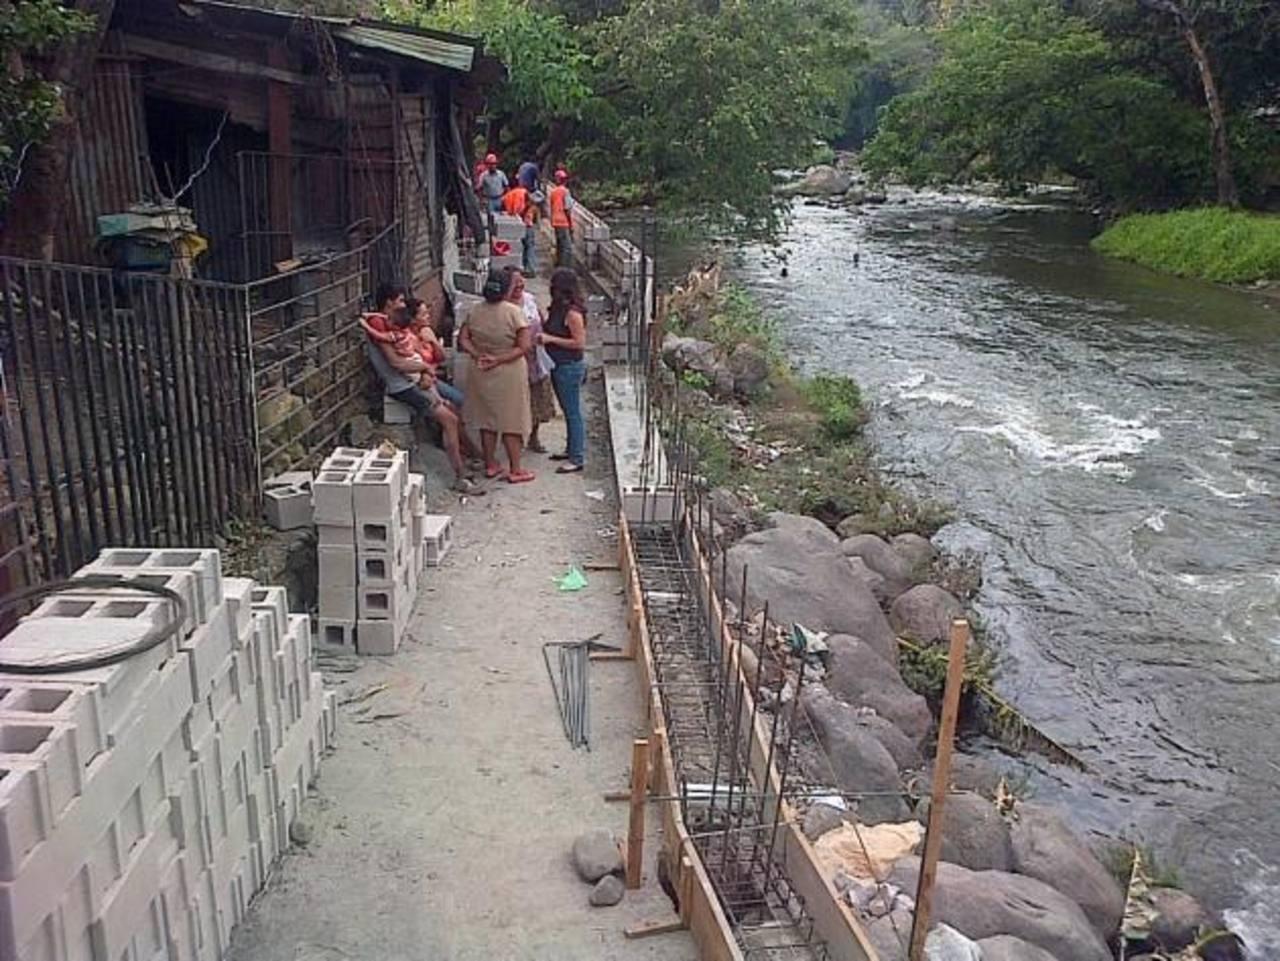 En la comunidad Bendición de Dios serán 74 personas las beneficiadas con la mejora de una ruta de evacuación. foto edhEn la comunidad Luces del Río se construyen 110 metros lineales en camino de evacuación. En ese lugar serán beneficiadas 45 personas